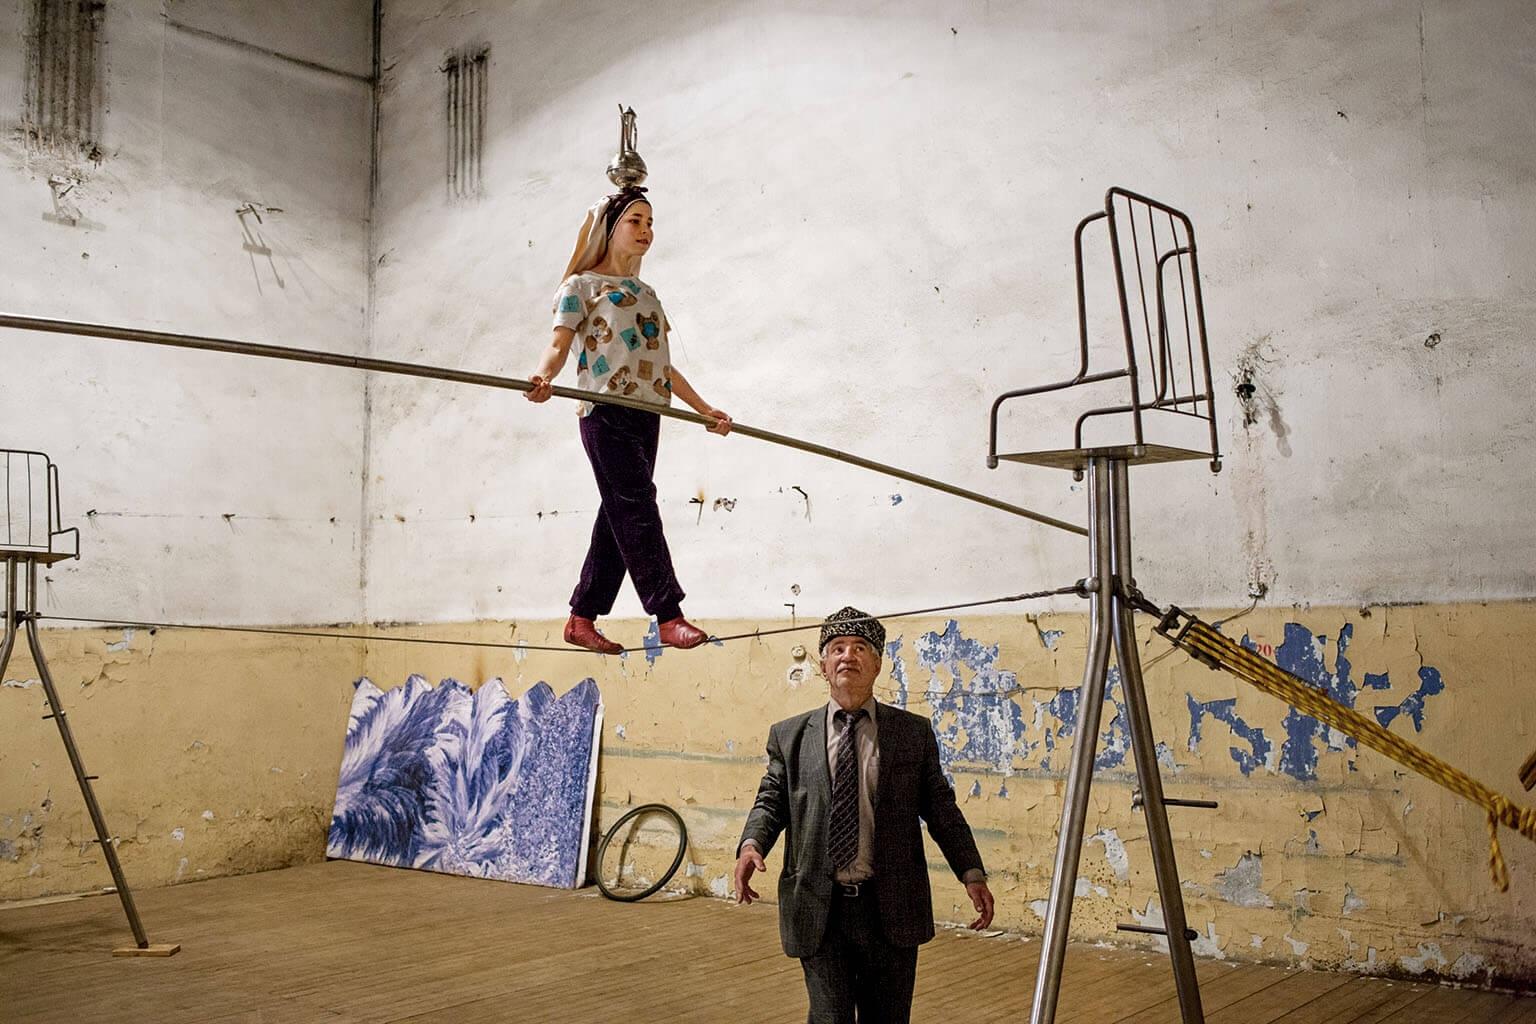 貝利萬馬戲團的創辦人阿斯哈巴里.戈薩諾夫是「達吉斯坦之鷹」的訓練員,他站在年僅13歲、頭頂著水壺表演的帕悌瑪.穆塔察利瓦下方待命以防萬一。攝影:傑赫米.榮格 JÉRÉMIE JUNG